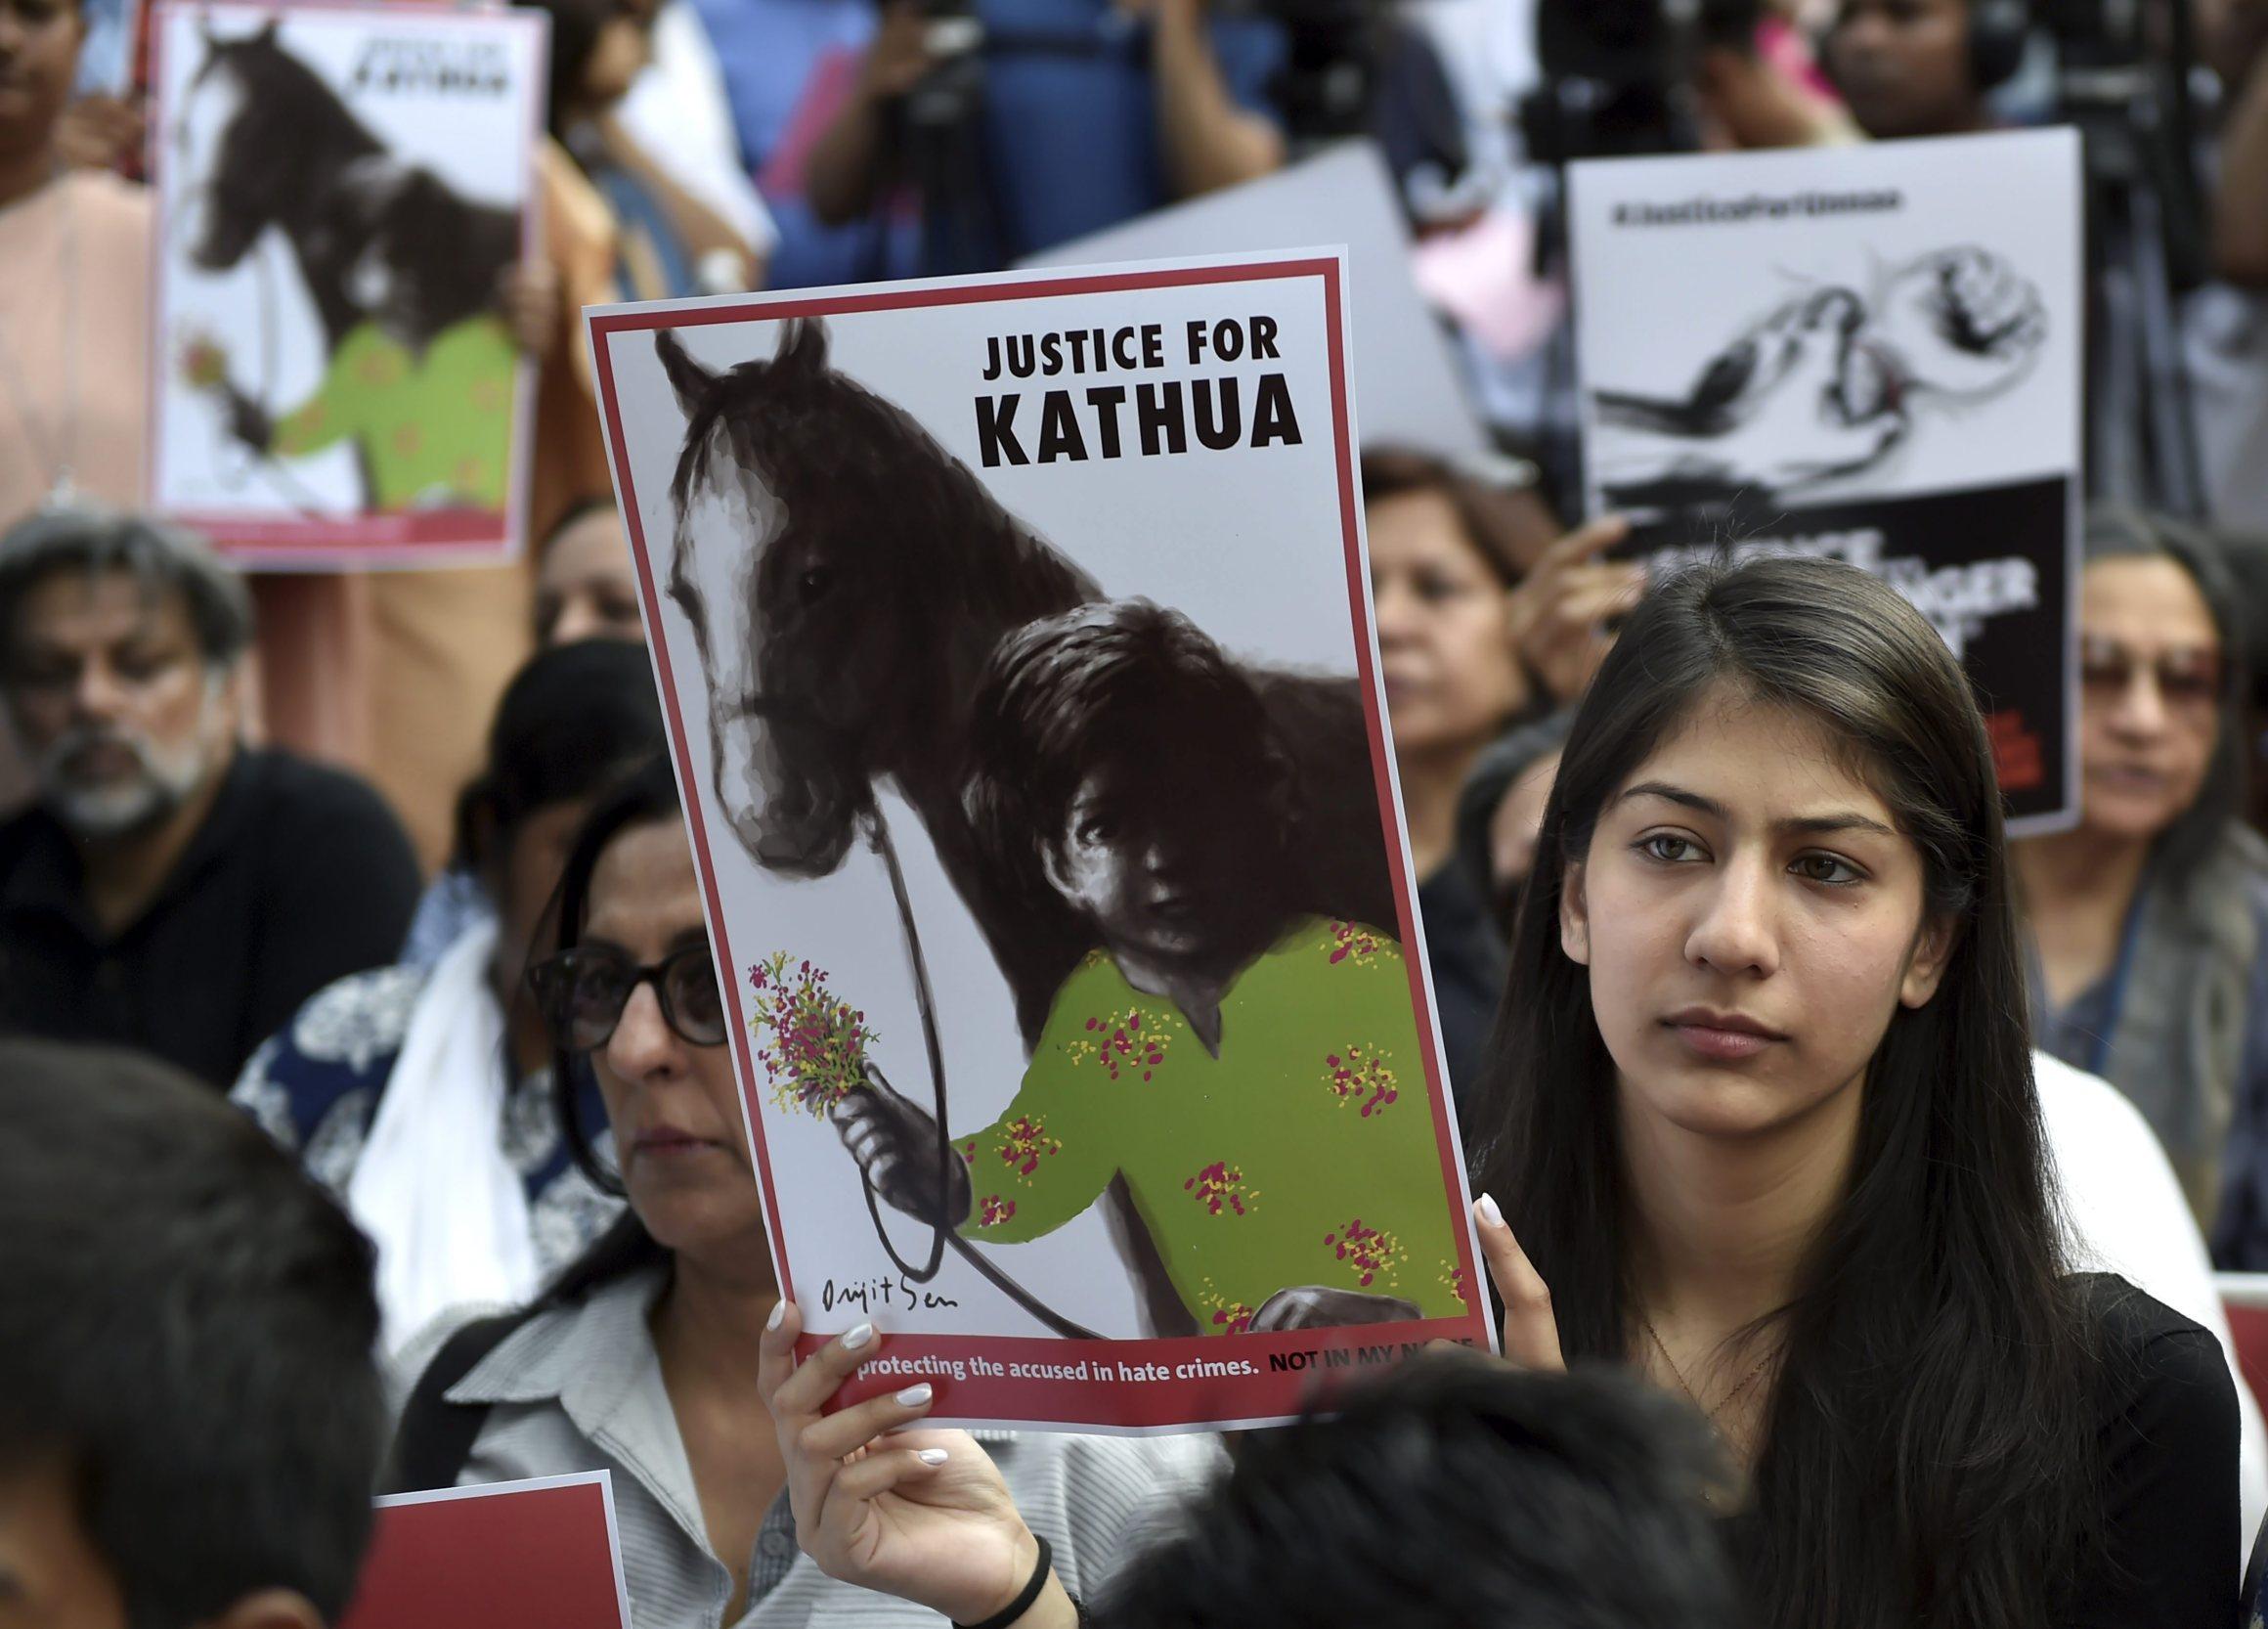 دہلی کے سنسد مارگ پر کٹھوعہ ریپ مقدمہ کے خلاف ہوا مظاہرہ (فوٹو : پی ٹی آئی)